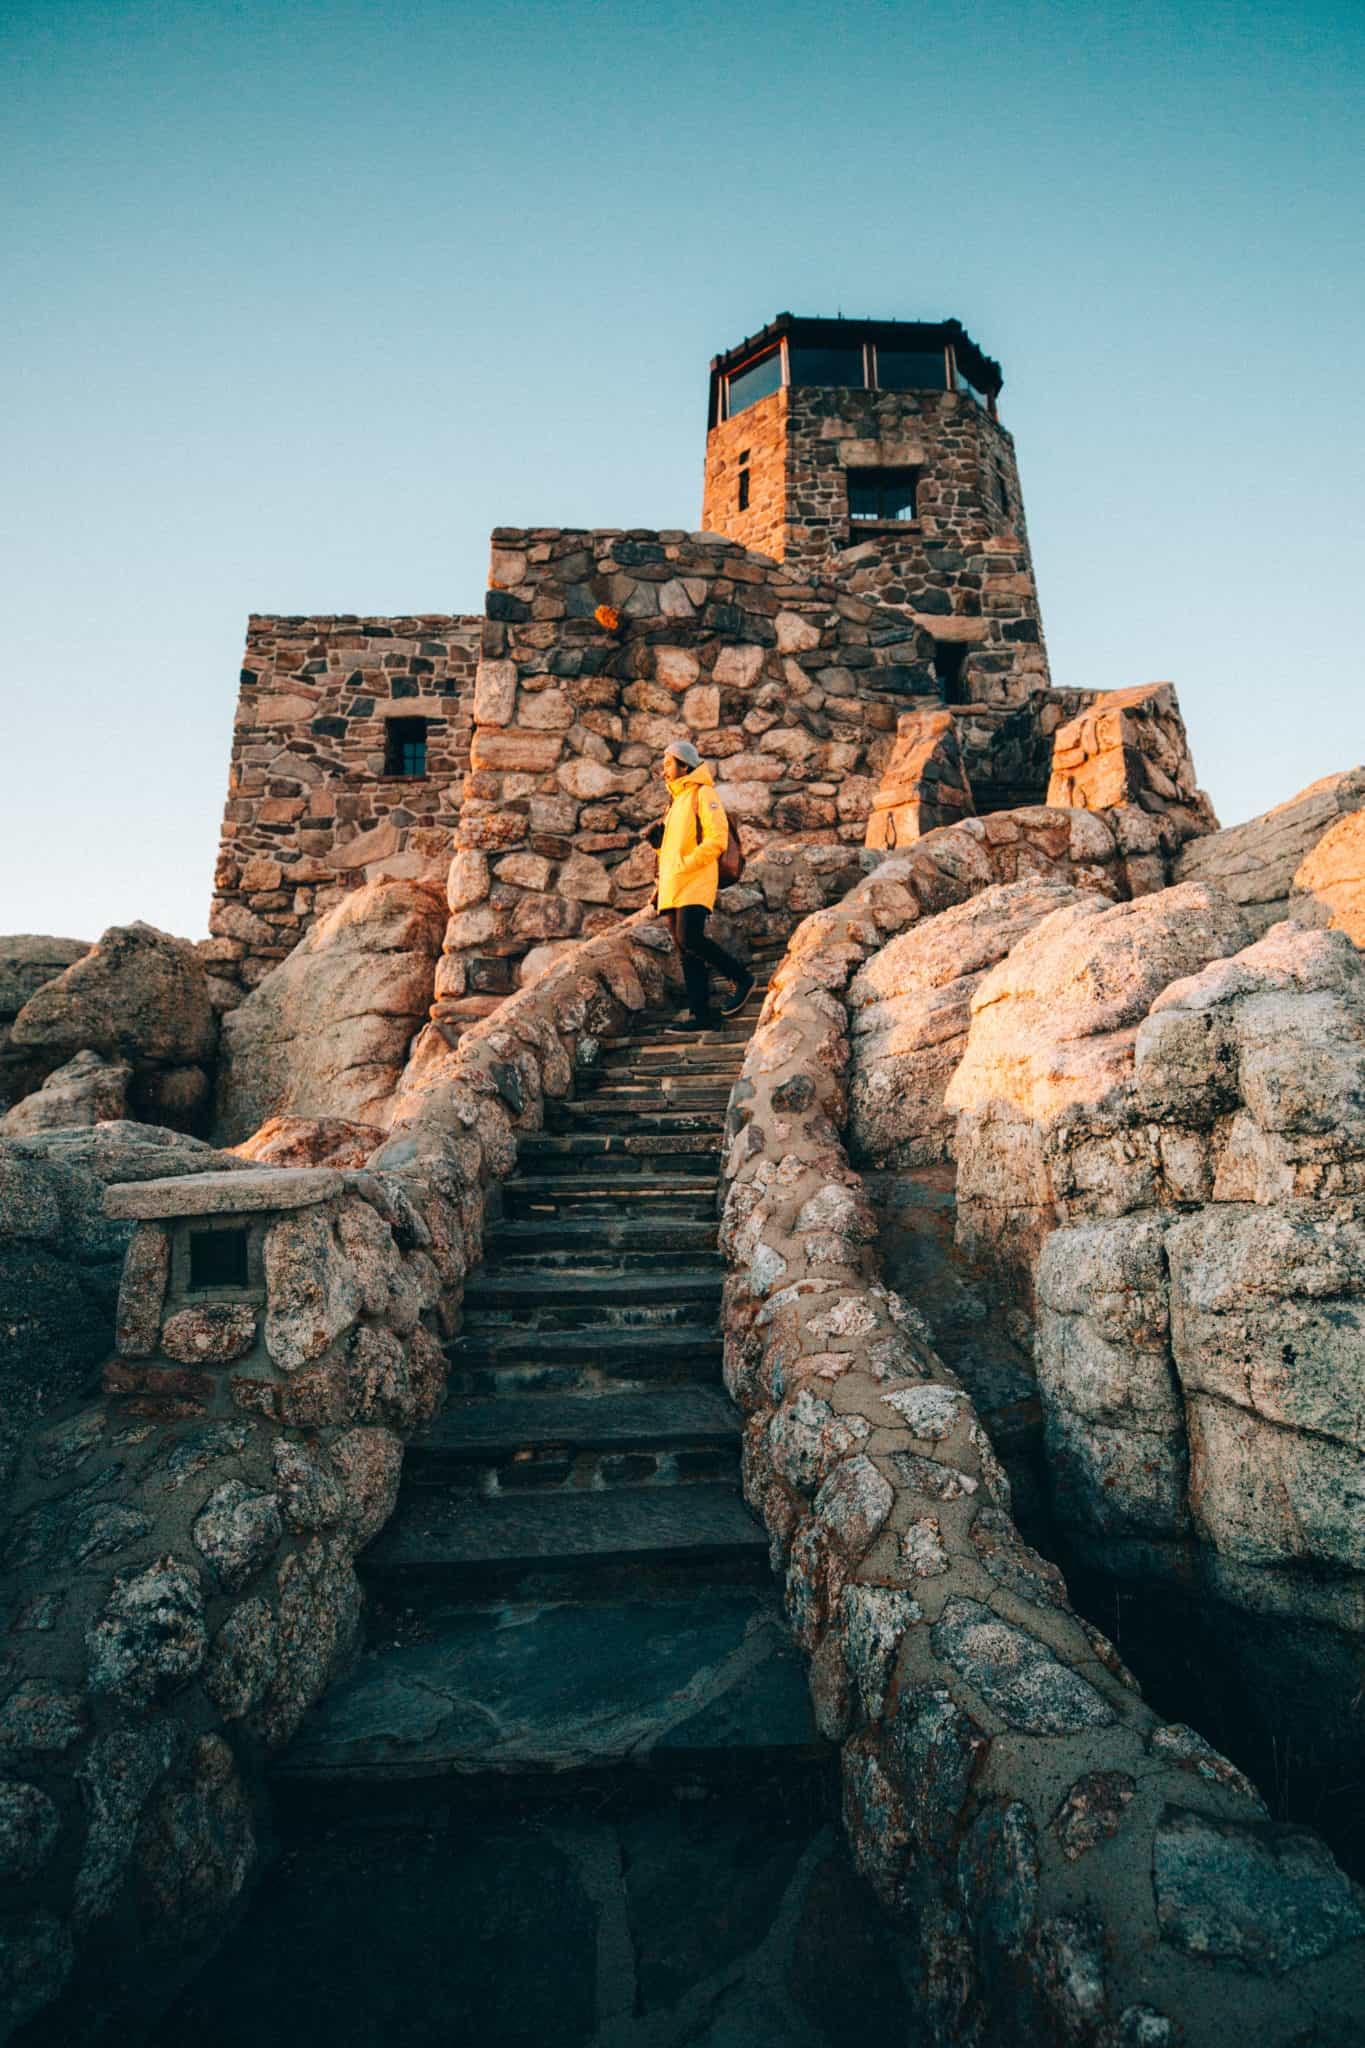 Berty Mandagie at Fire Tower at Black Elk Peak Summit, South Dakota